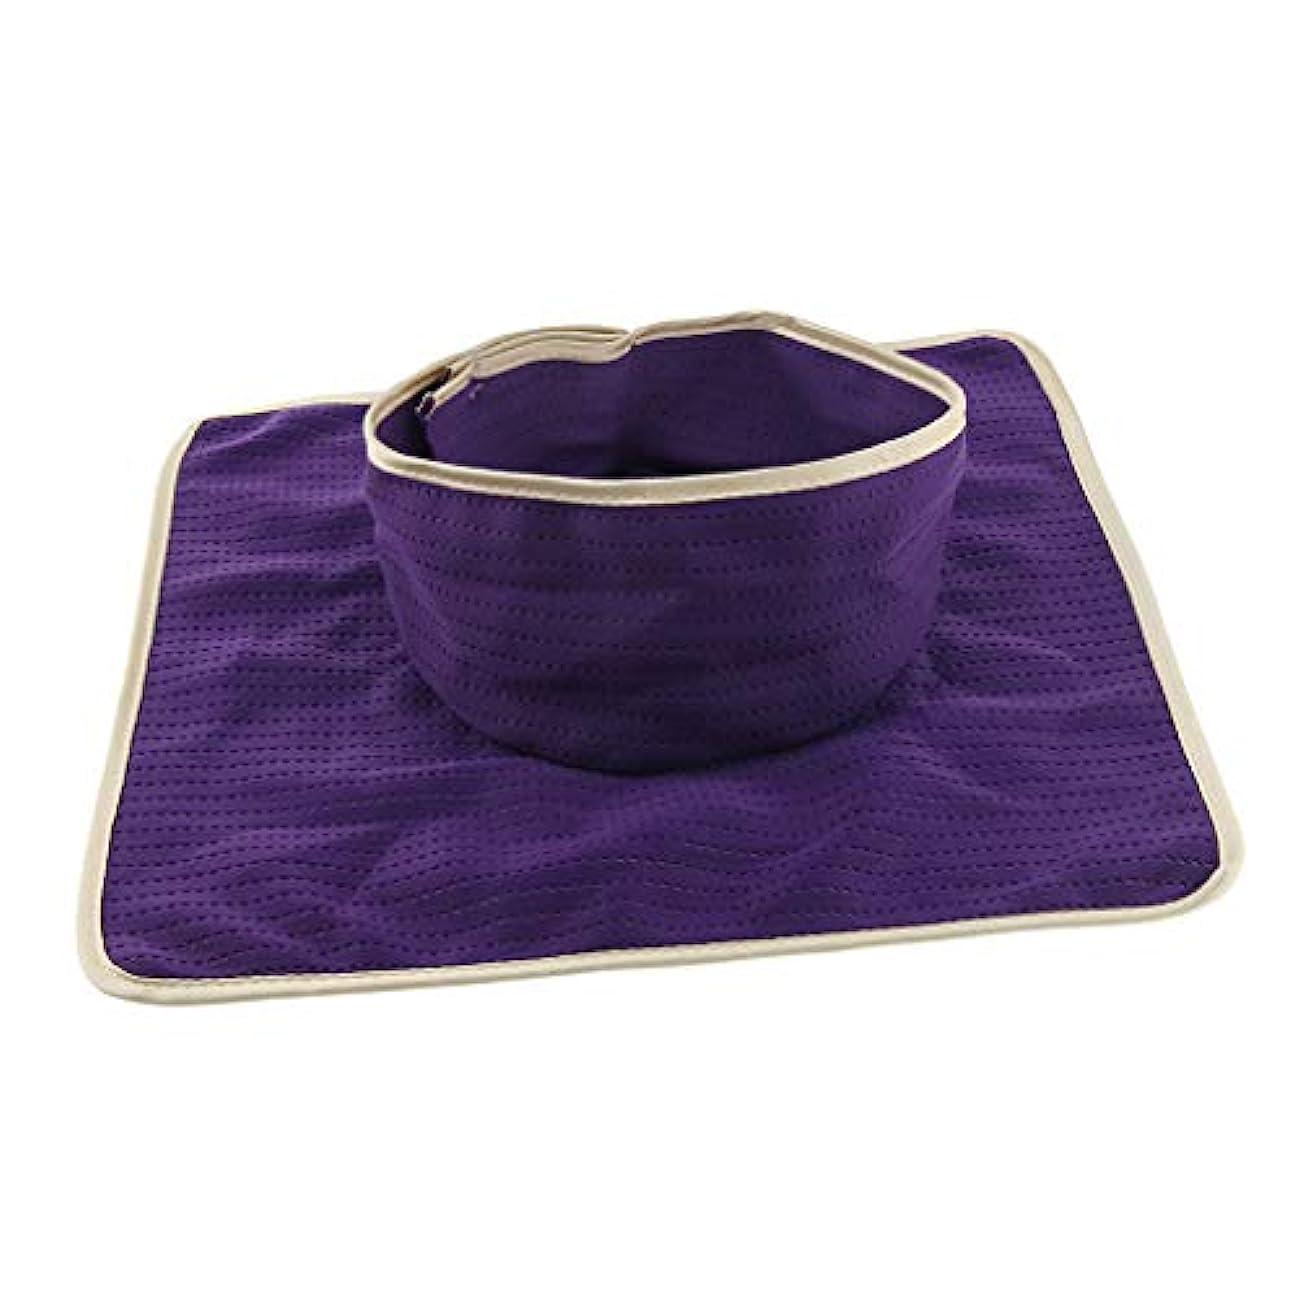 締め切り敬の念不平を言うPerfeclan マッサージ ベッドカバー シート パッド 洗濯可能 再利用可能 約35×35cm 全3色 - 紫